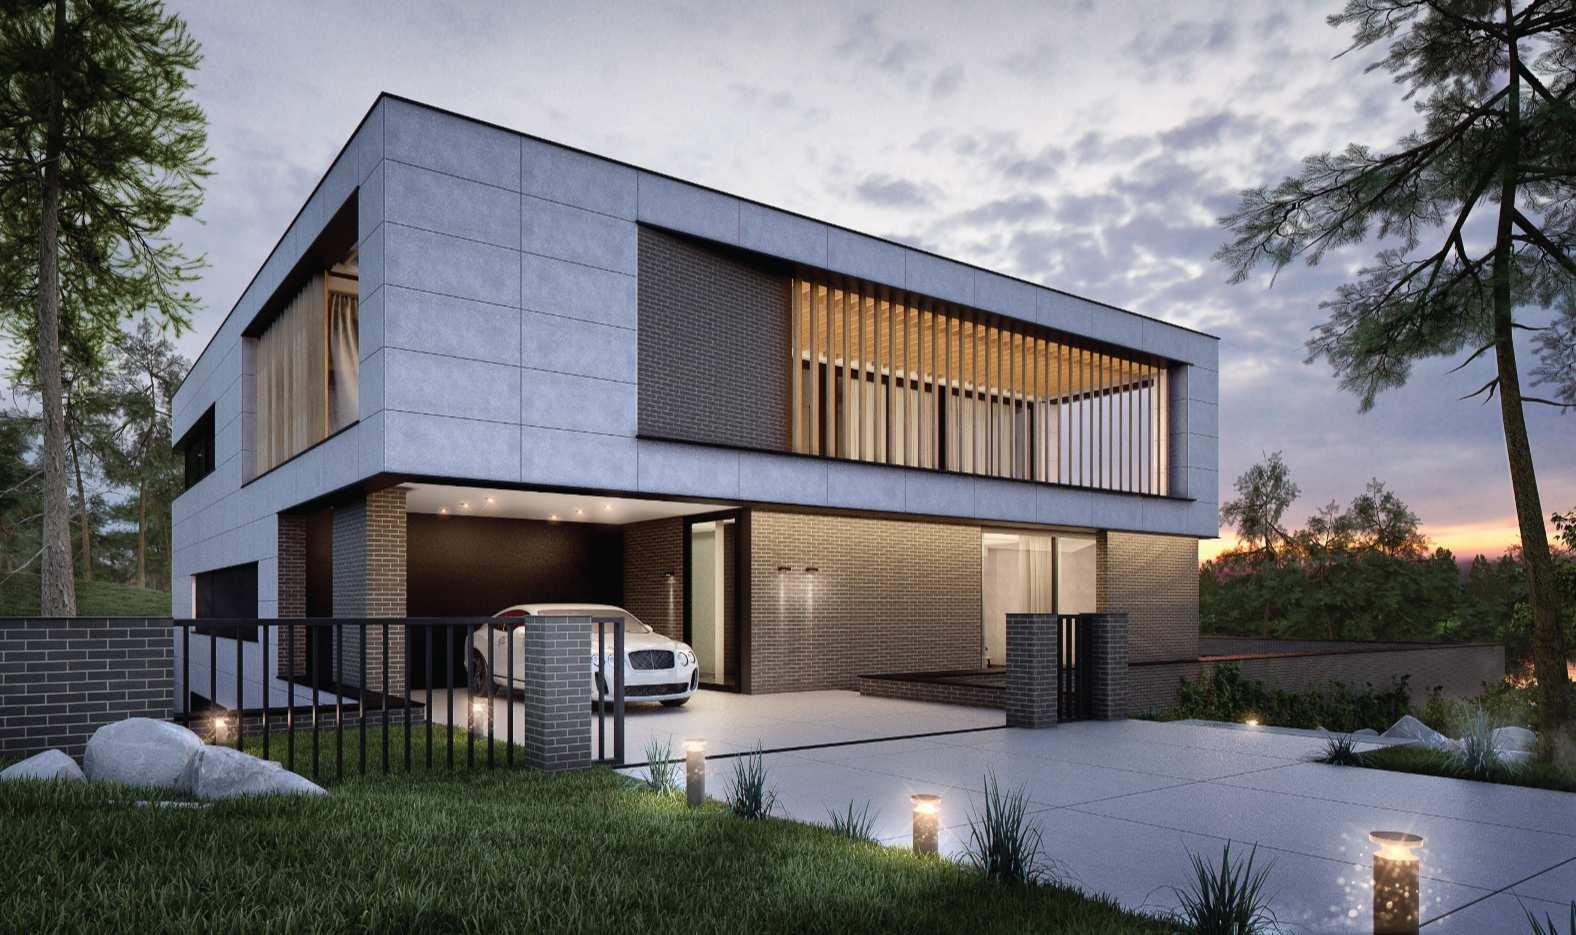 elewacje-z-elastycznego-betonu-architektonicznego